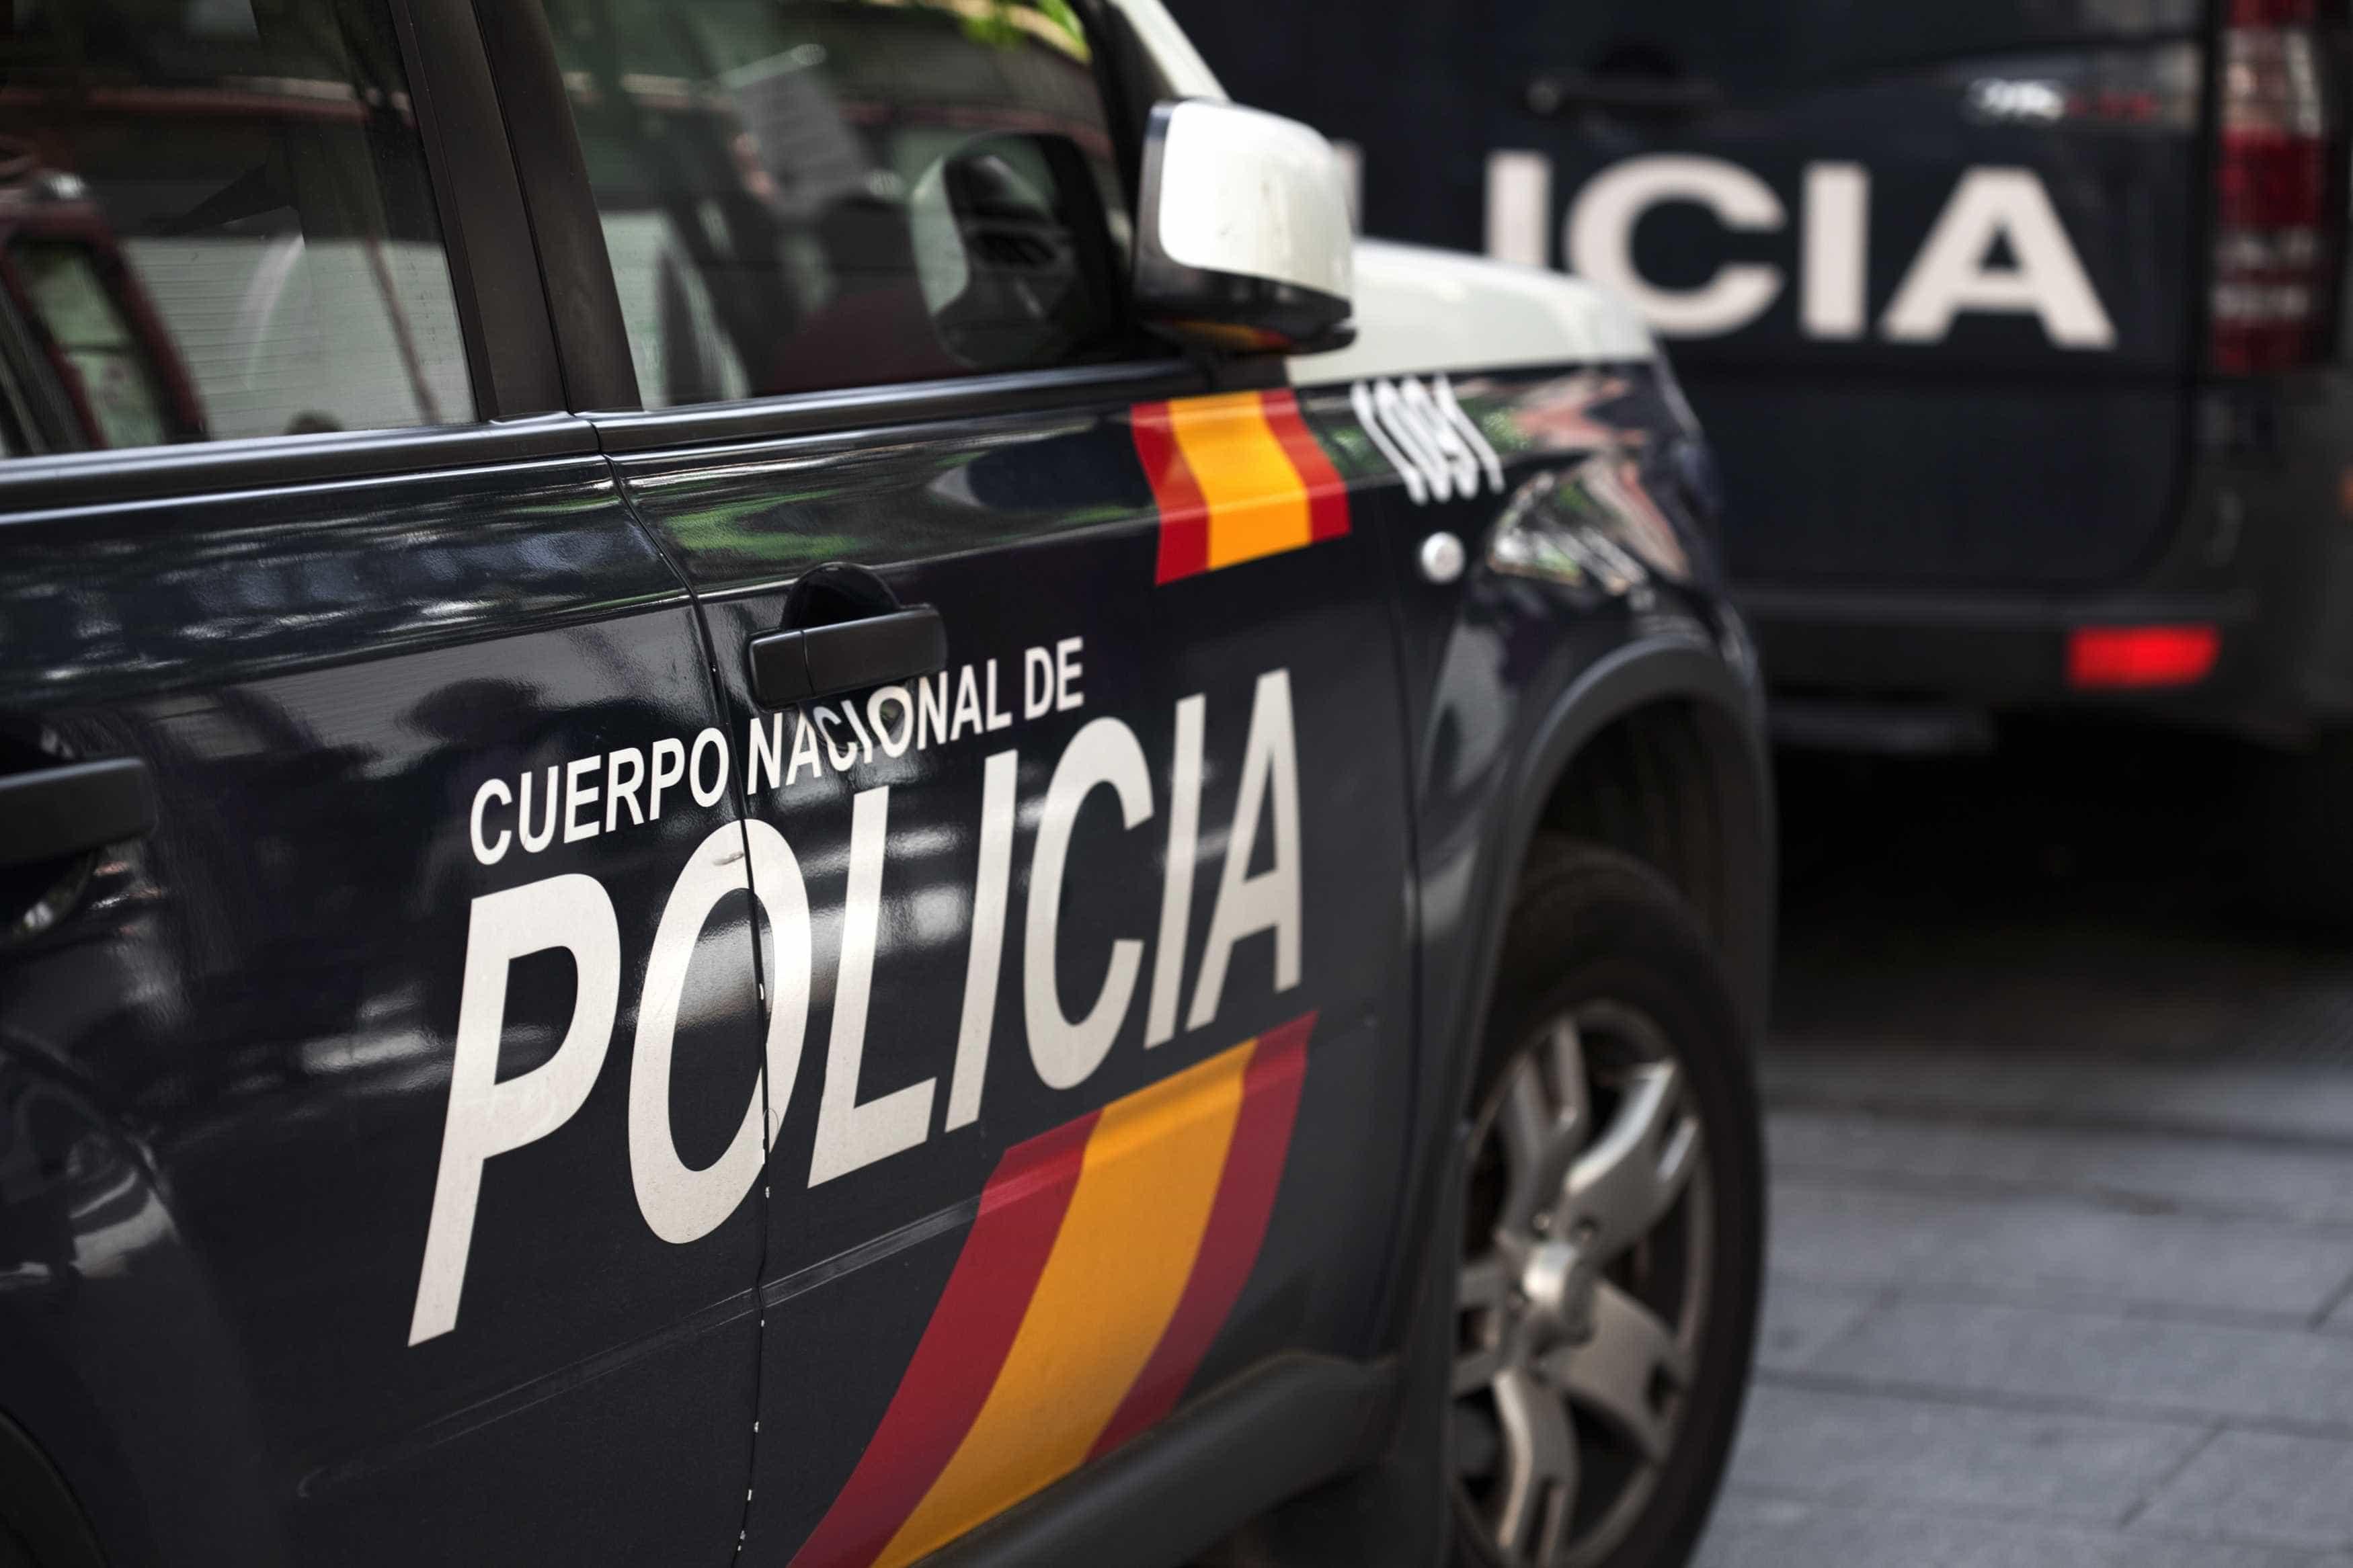 Foi este o objeto que lançou suspeita de bombas em Espanha